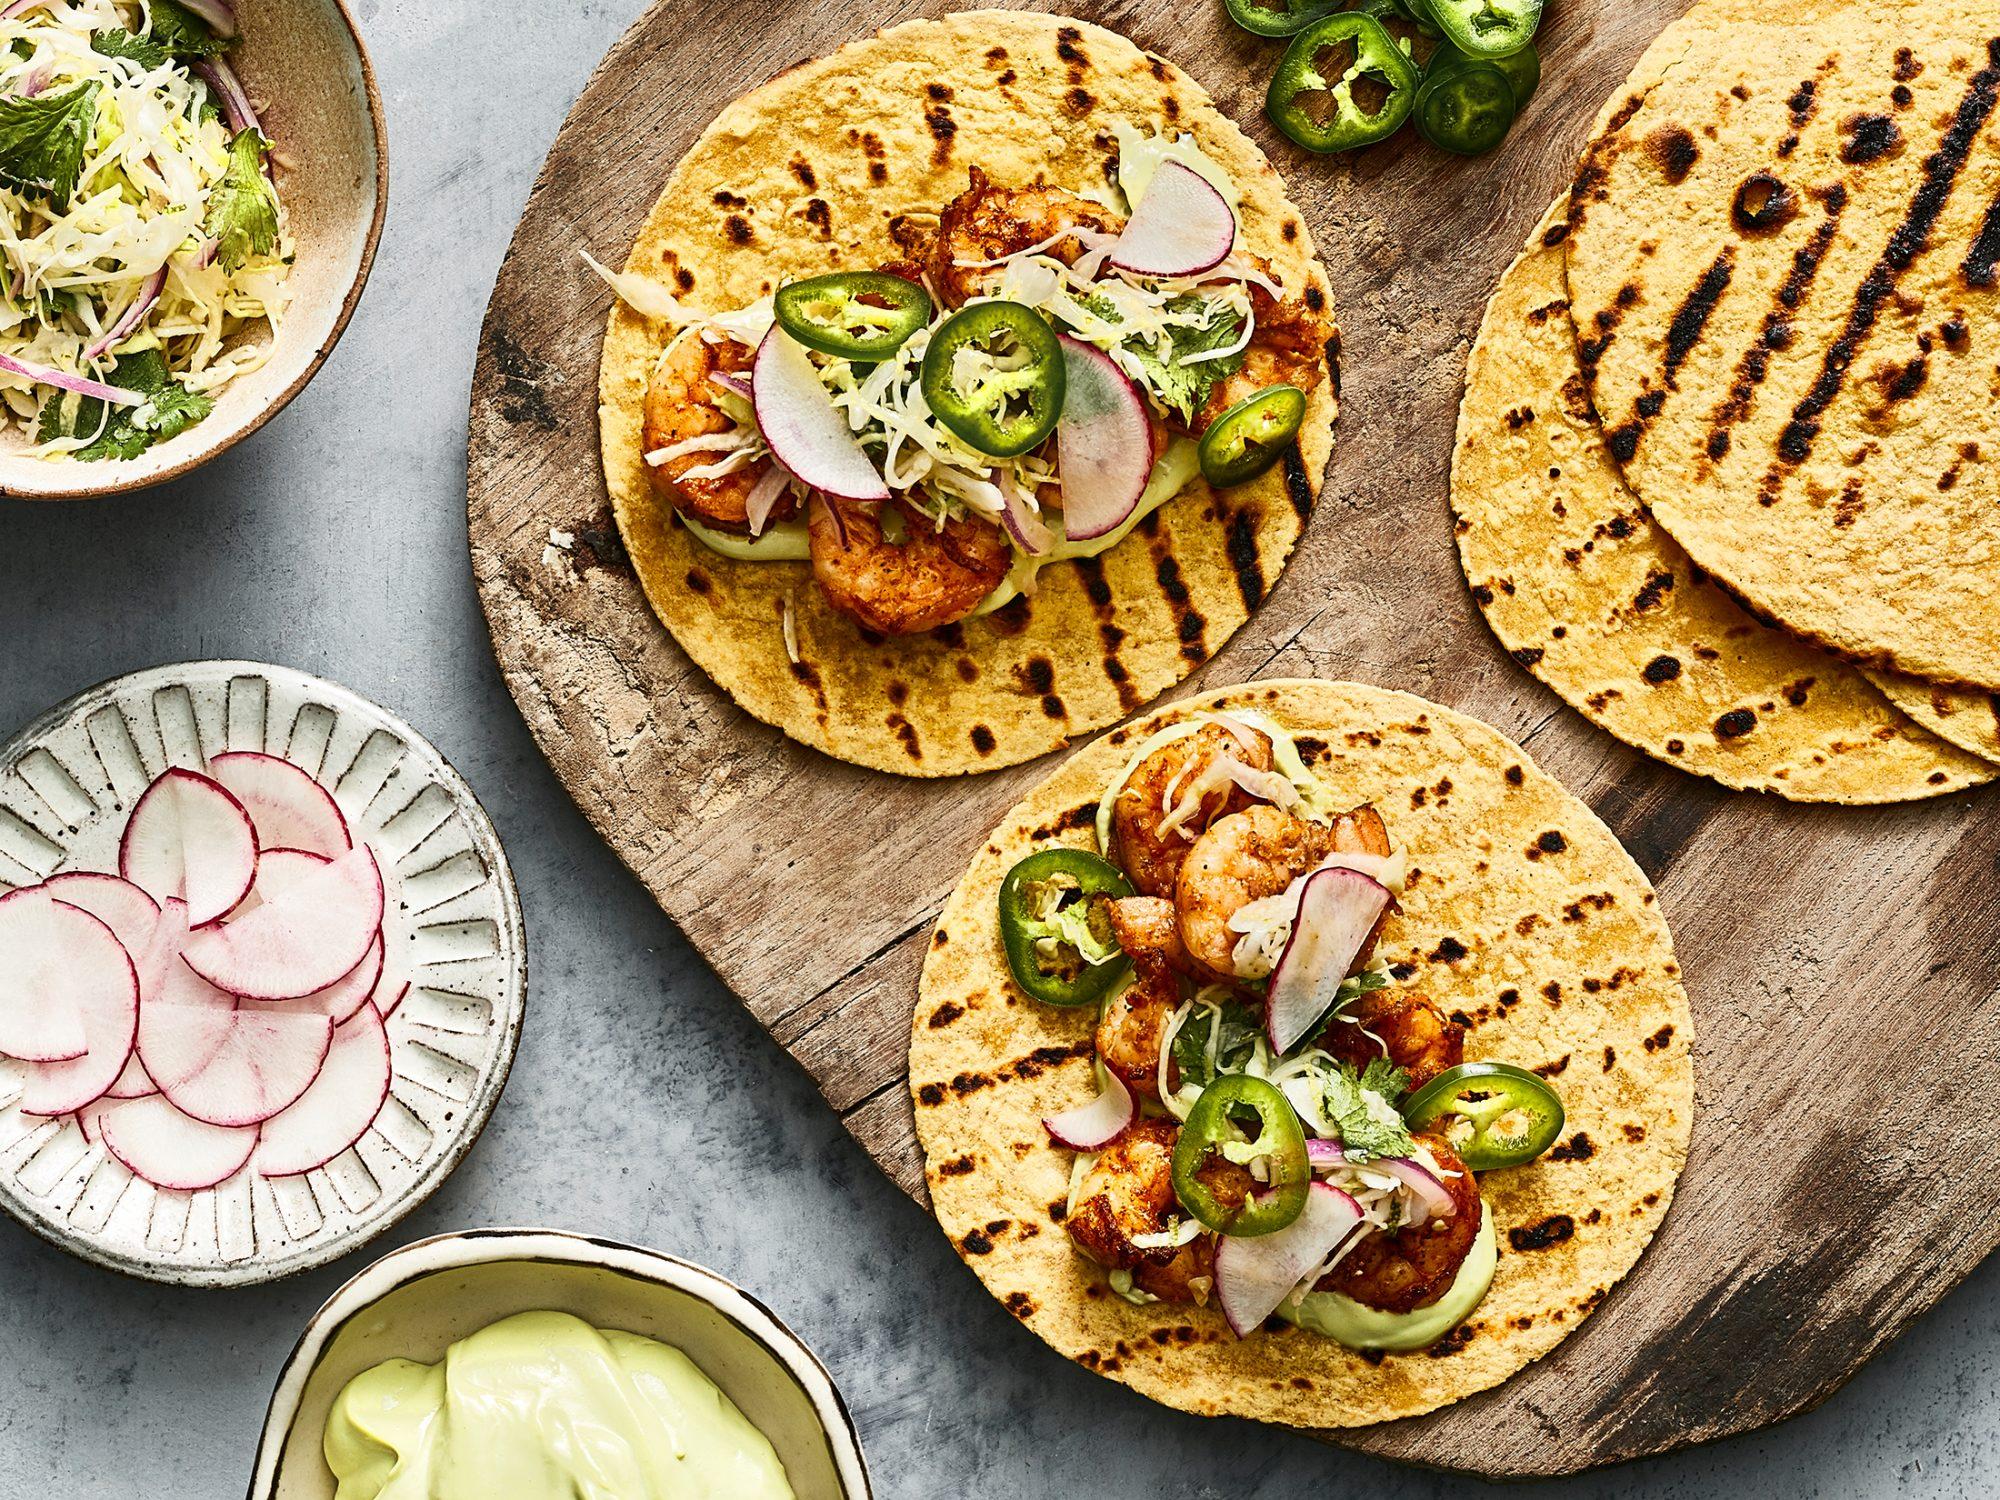 Shrimp Tacos With Cilantro Lime Slaw And Avocado Crema image